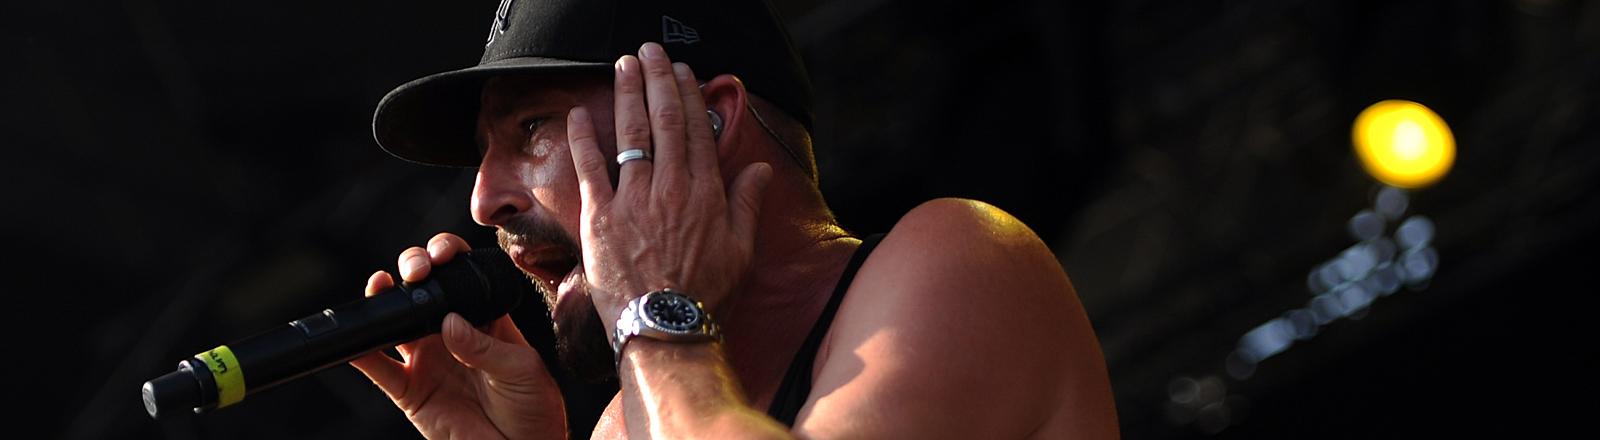 Der Musiker Gentleman (Tilmann Otto) steht am 27.07.2013 auf dem Greenville Festival in Paaren/Glien (Brandenburg) auf der Bühne.